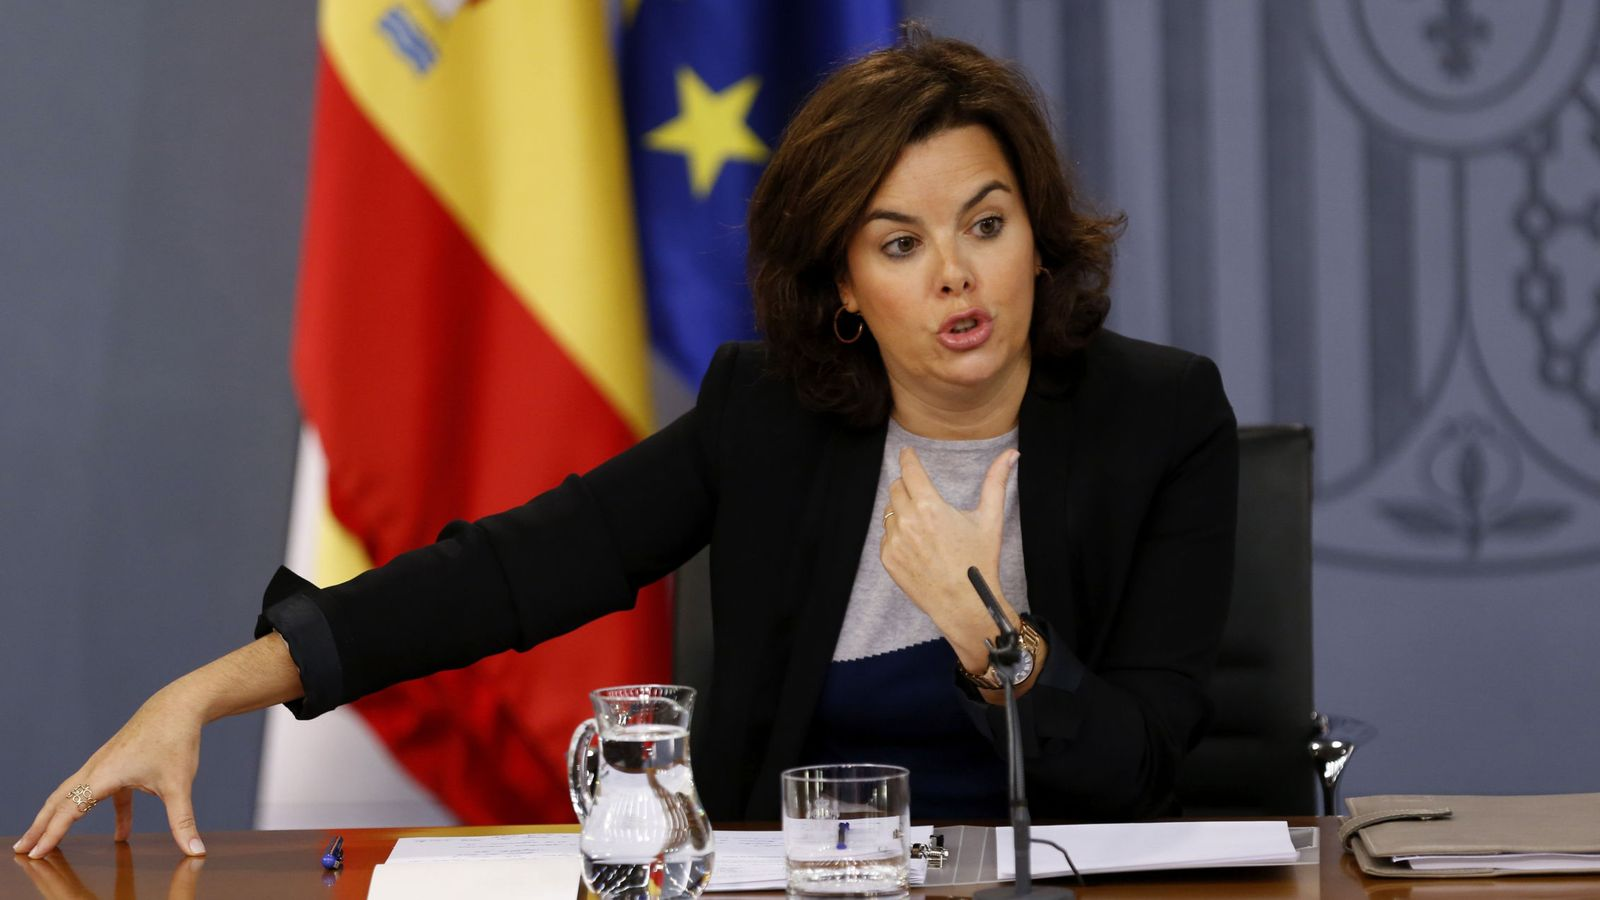 Foto: La vicepresidenta del Gobierno en funciones, Soraya Sáenz de Santamaría. (eFE)